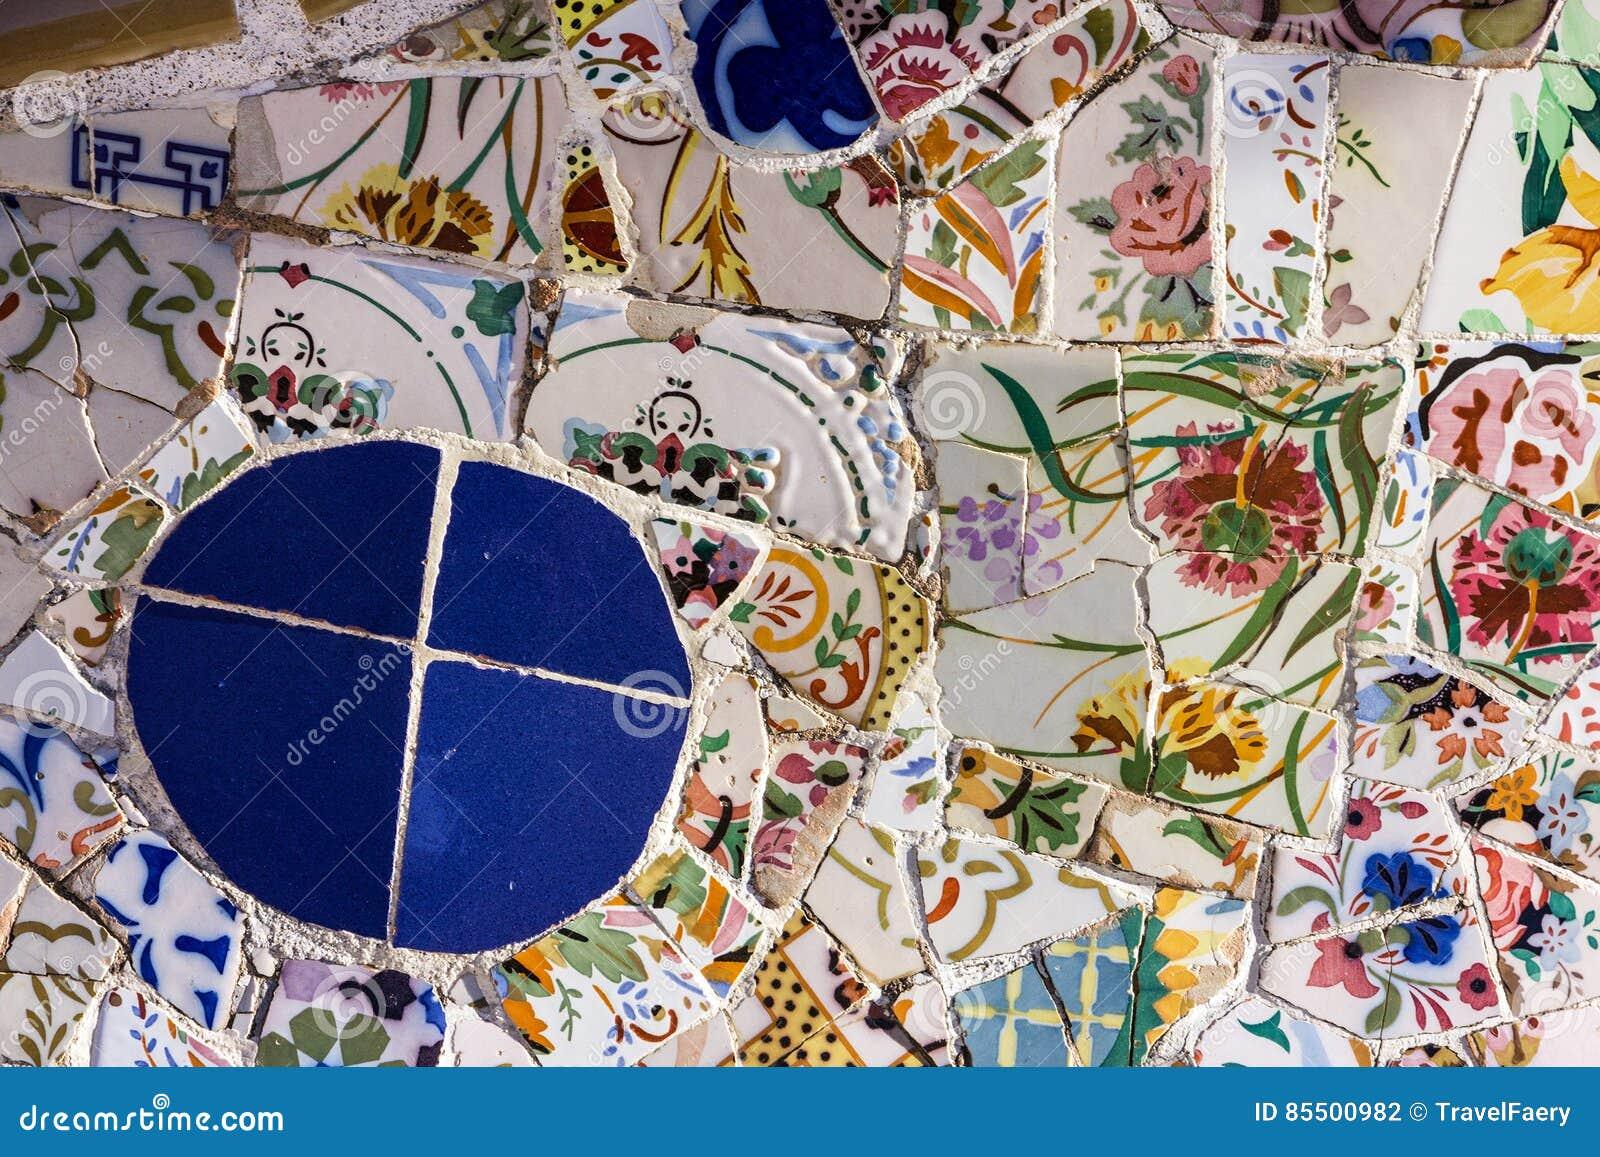 Defekte glasmosaikfliese dekoration im park guell for Dekoration spanien